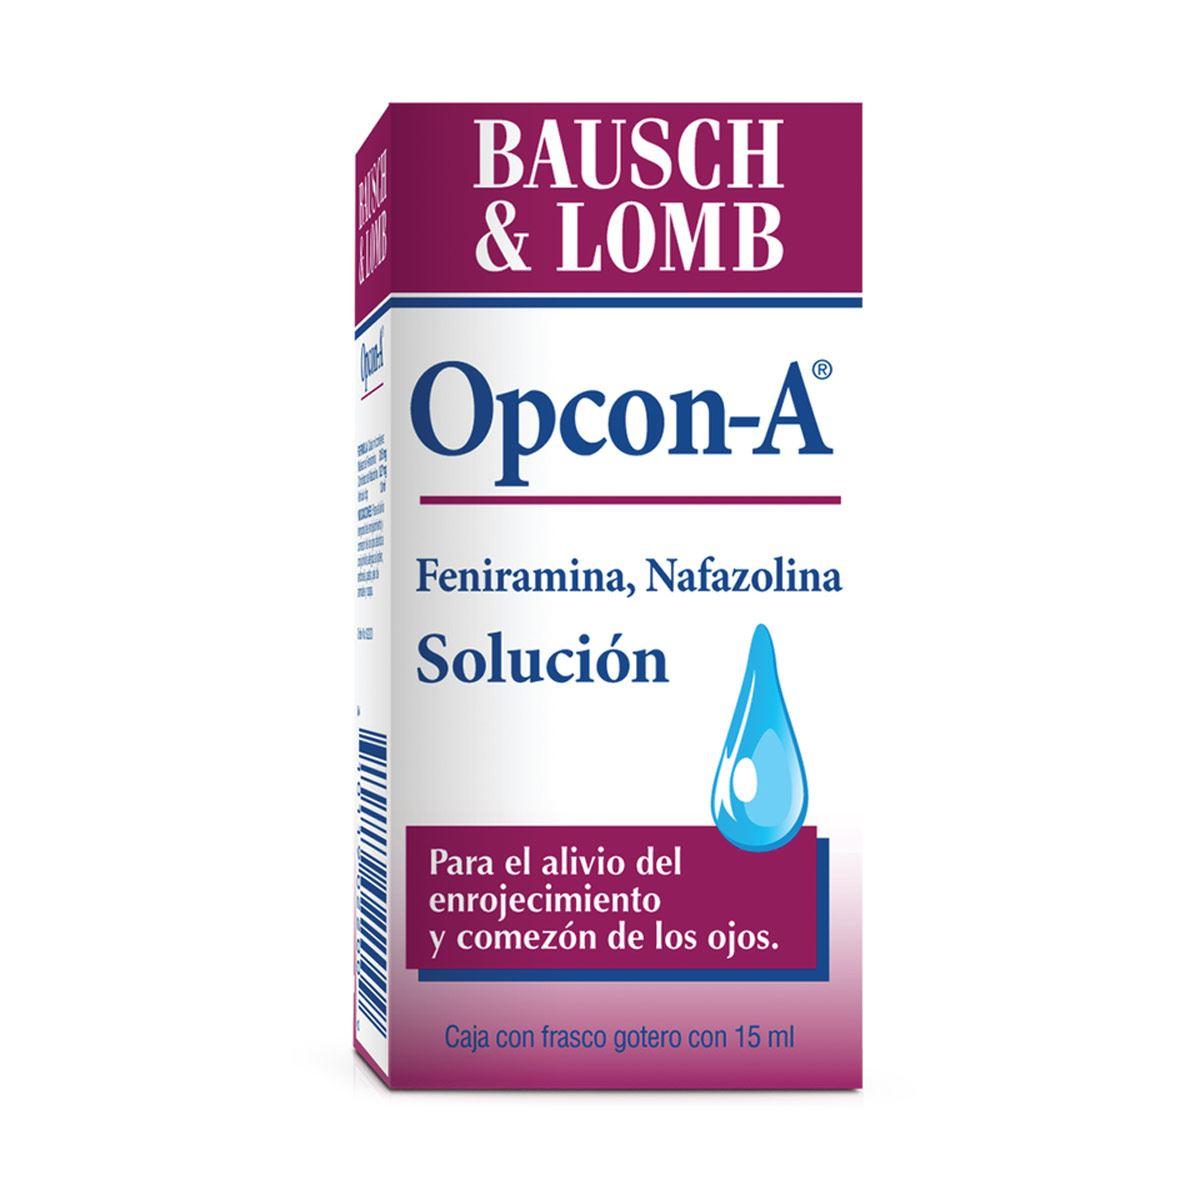 Opcon-a souciónl 15 ml  - Sanborns